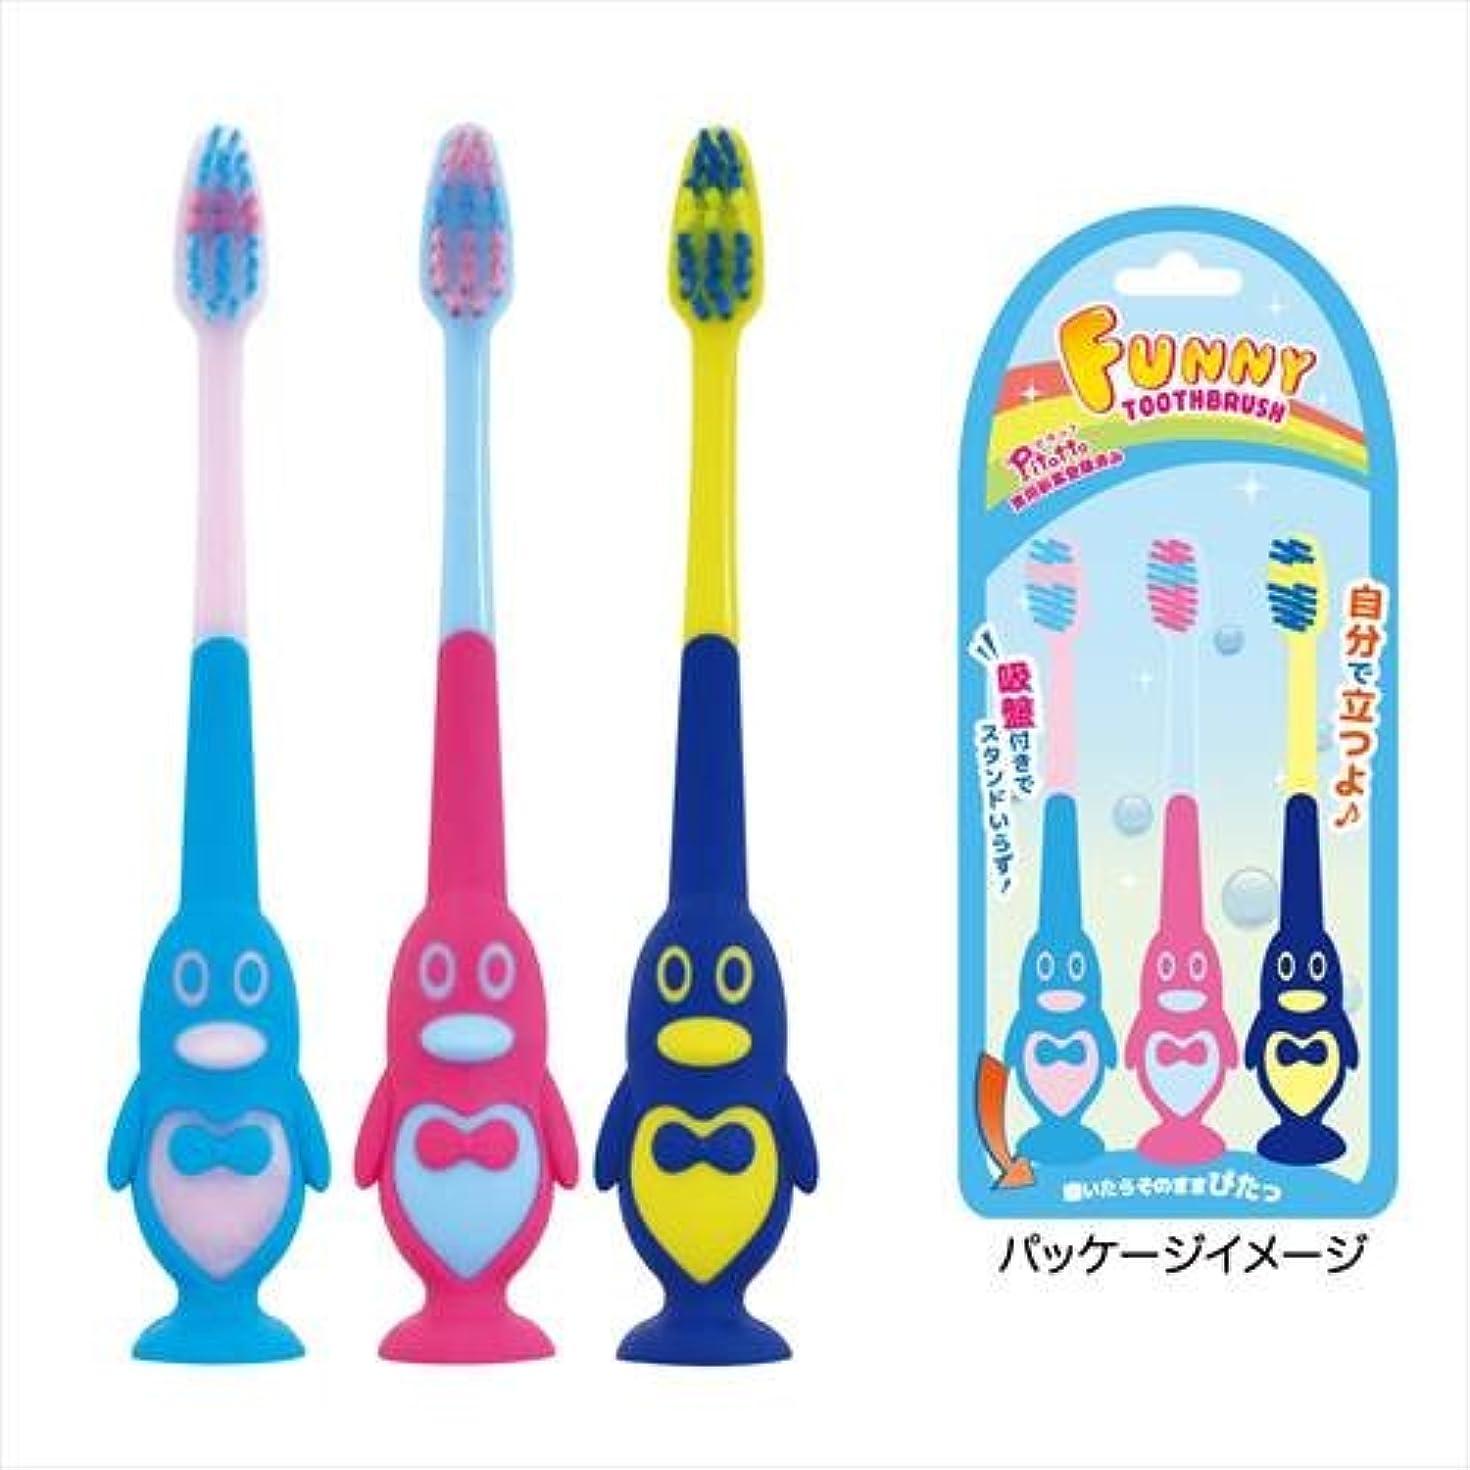 第九不要請願者[歯ブラシ] 吸盤付き歯ブラシ 3本セット/ペンギン ユーカンパニー かわいい 洗面用具 グッズ 通販